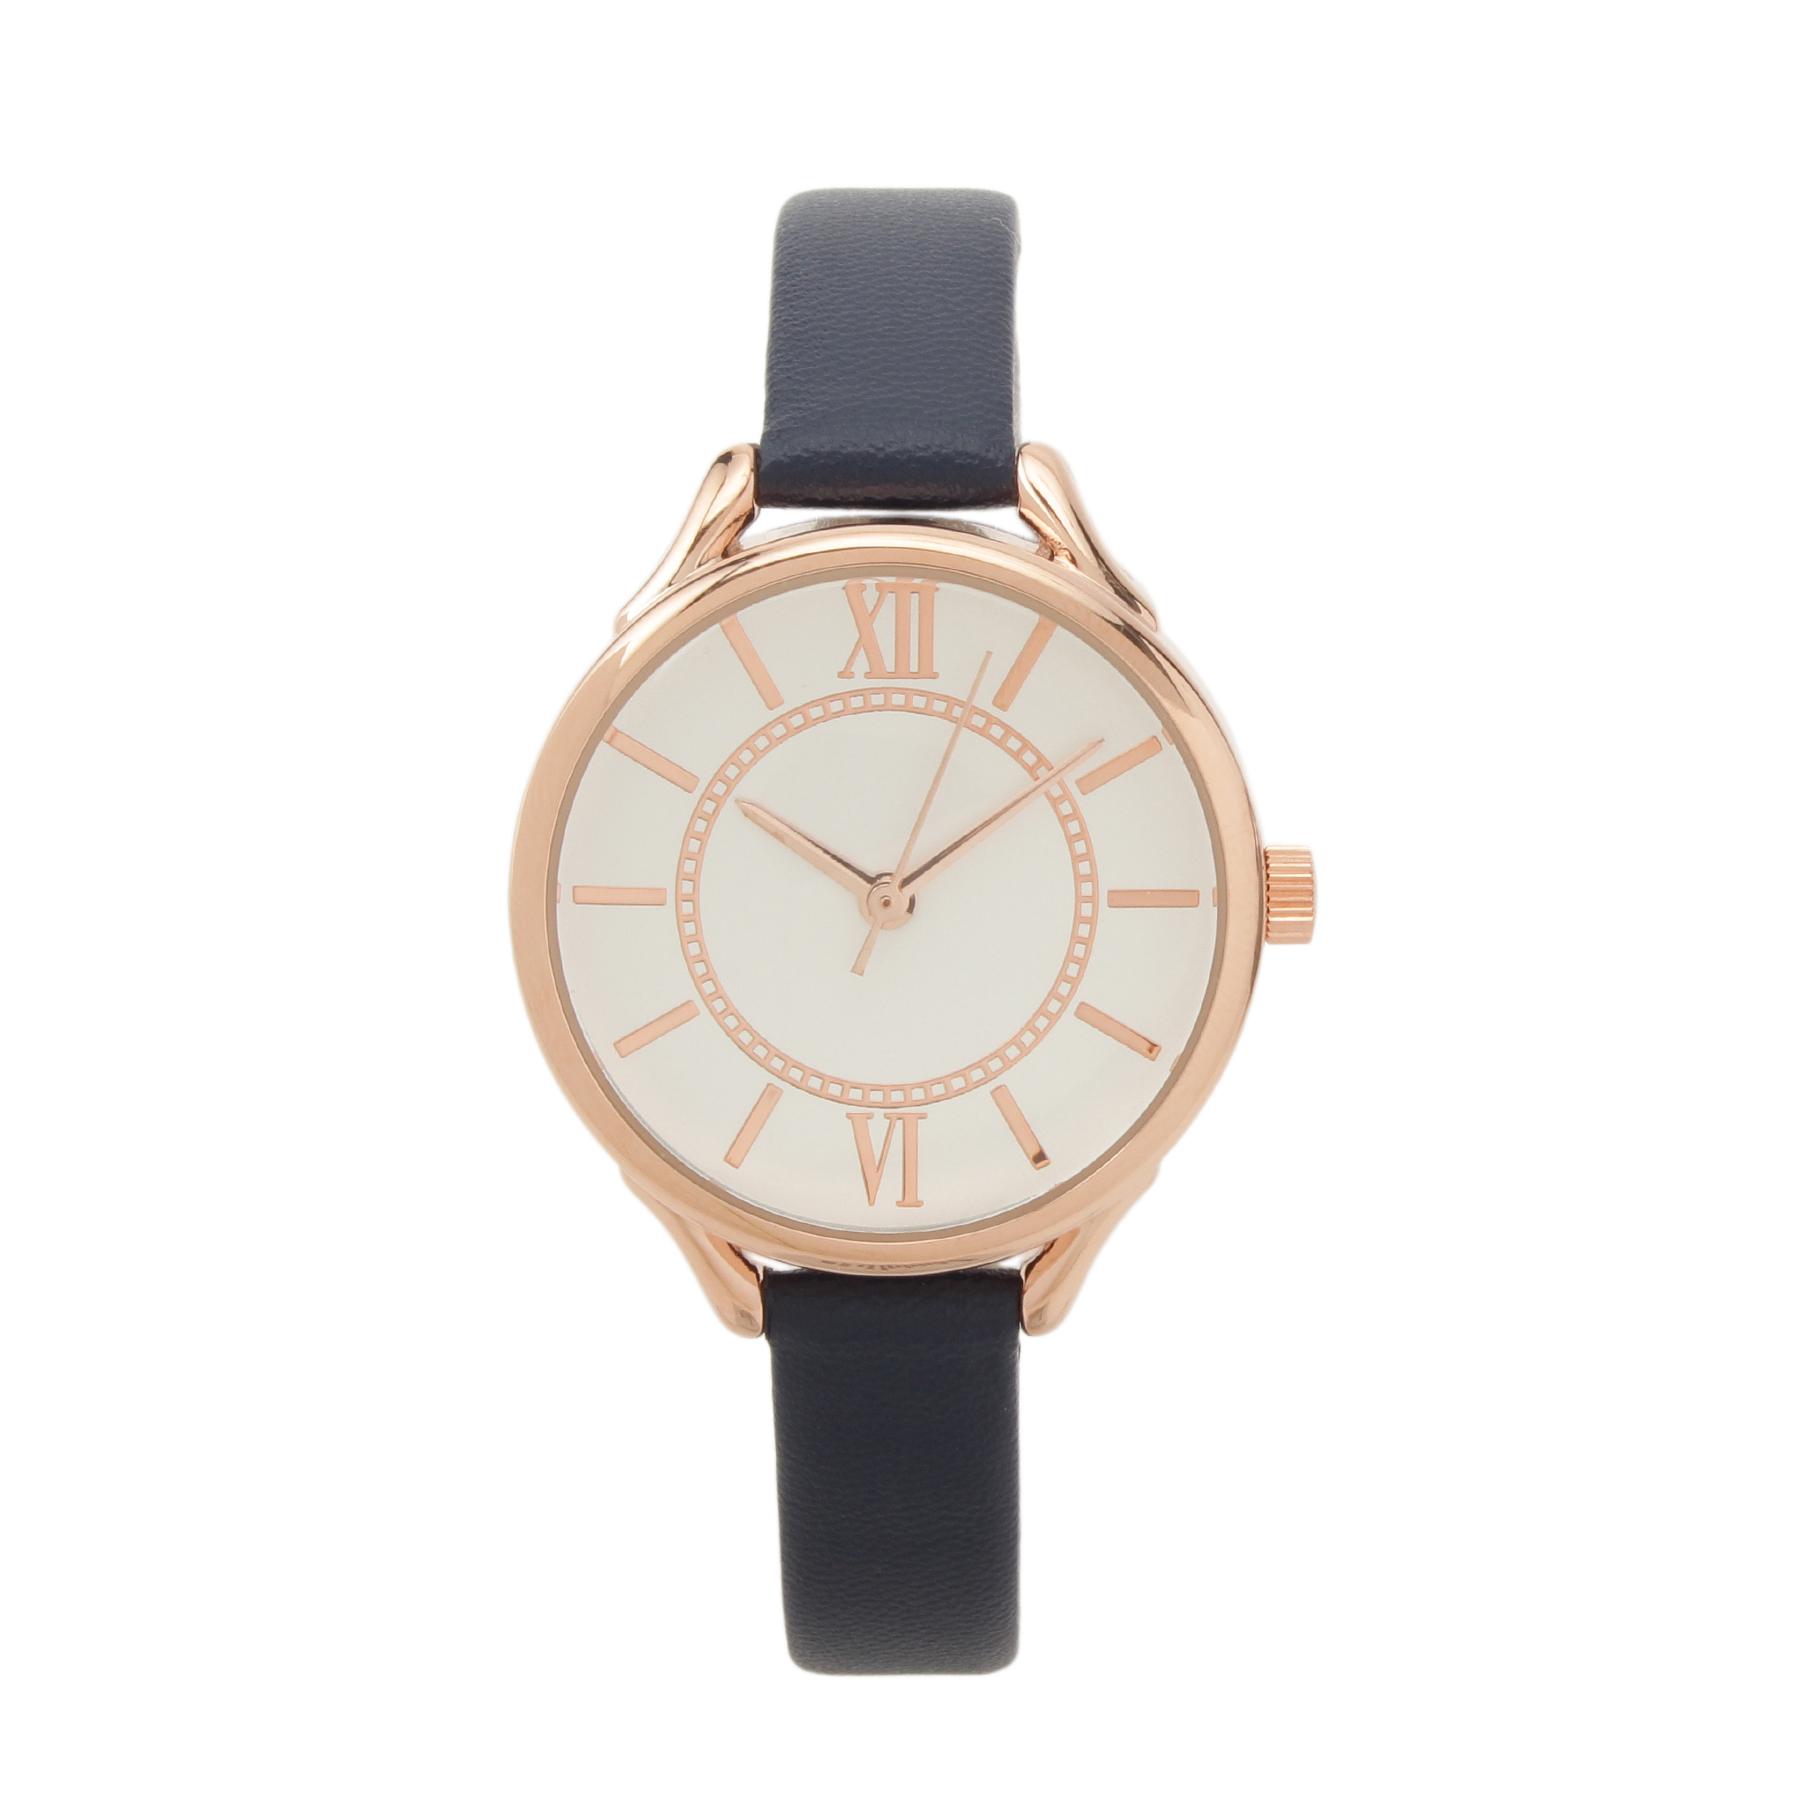 【passage mignon (パサージュ ミニョン)】エレガント腕時計レディース 雑貨|腕時計 ネイビー